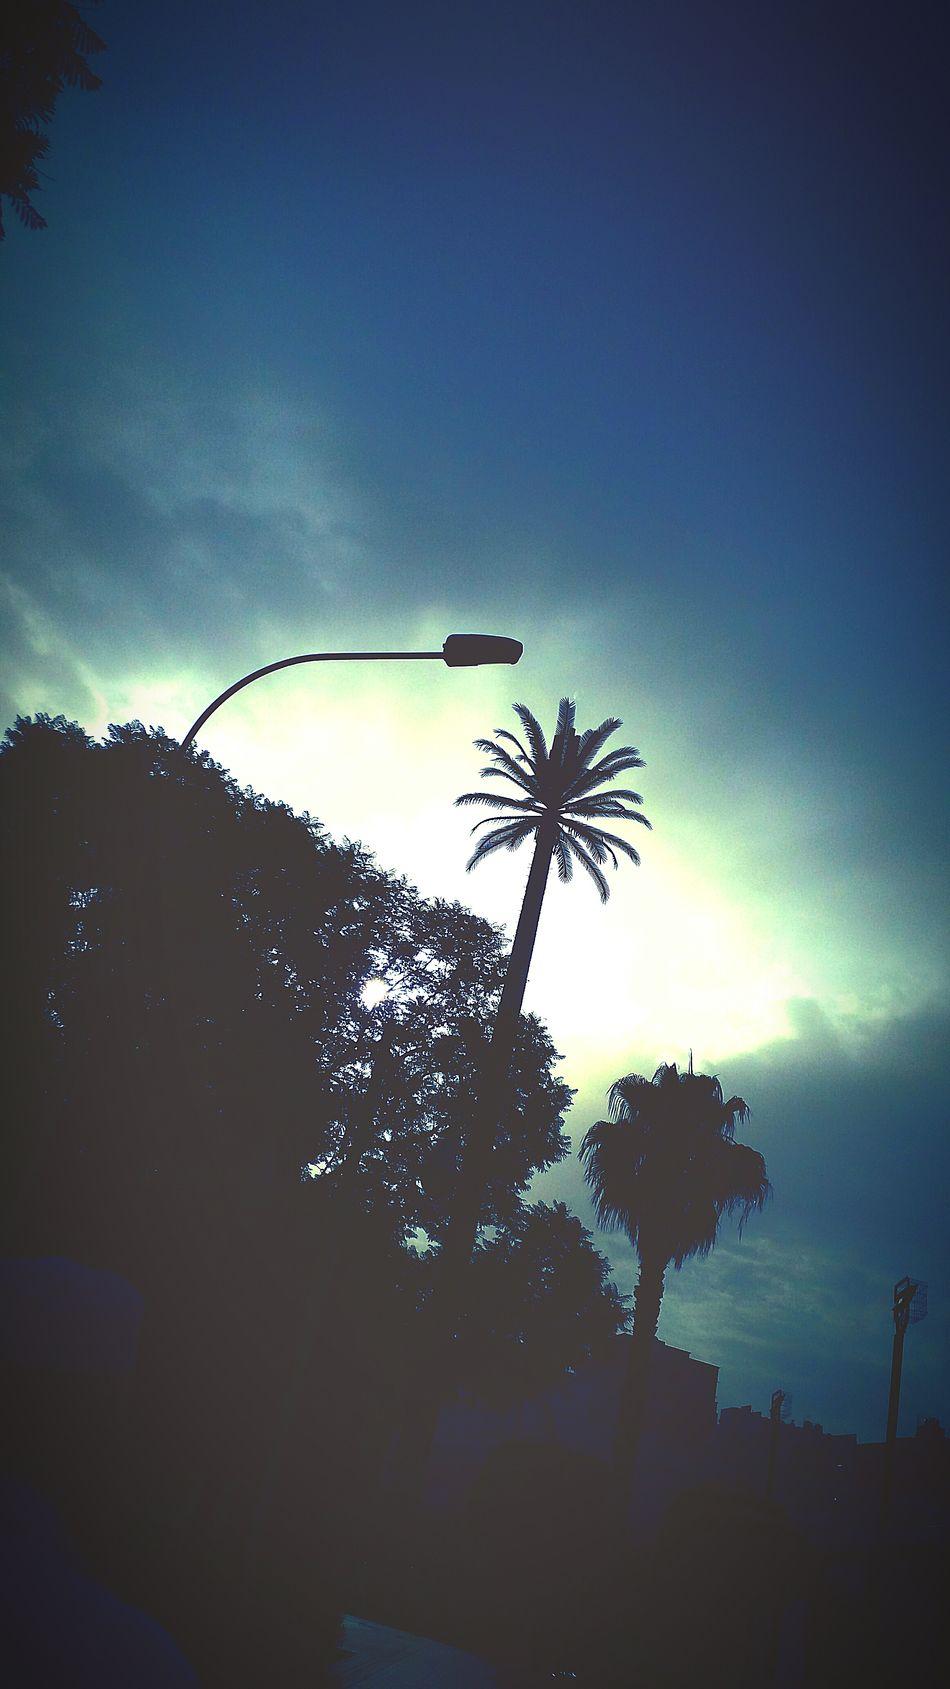 Such a beautiful day it was 😍😍😍 First Eyeem Photo Newuseroneyeem First Eyeem Photo